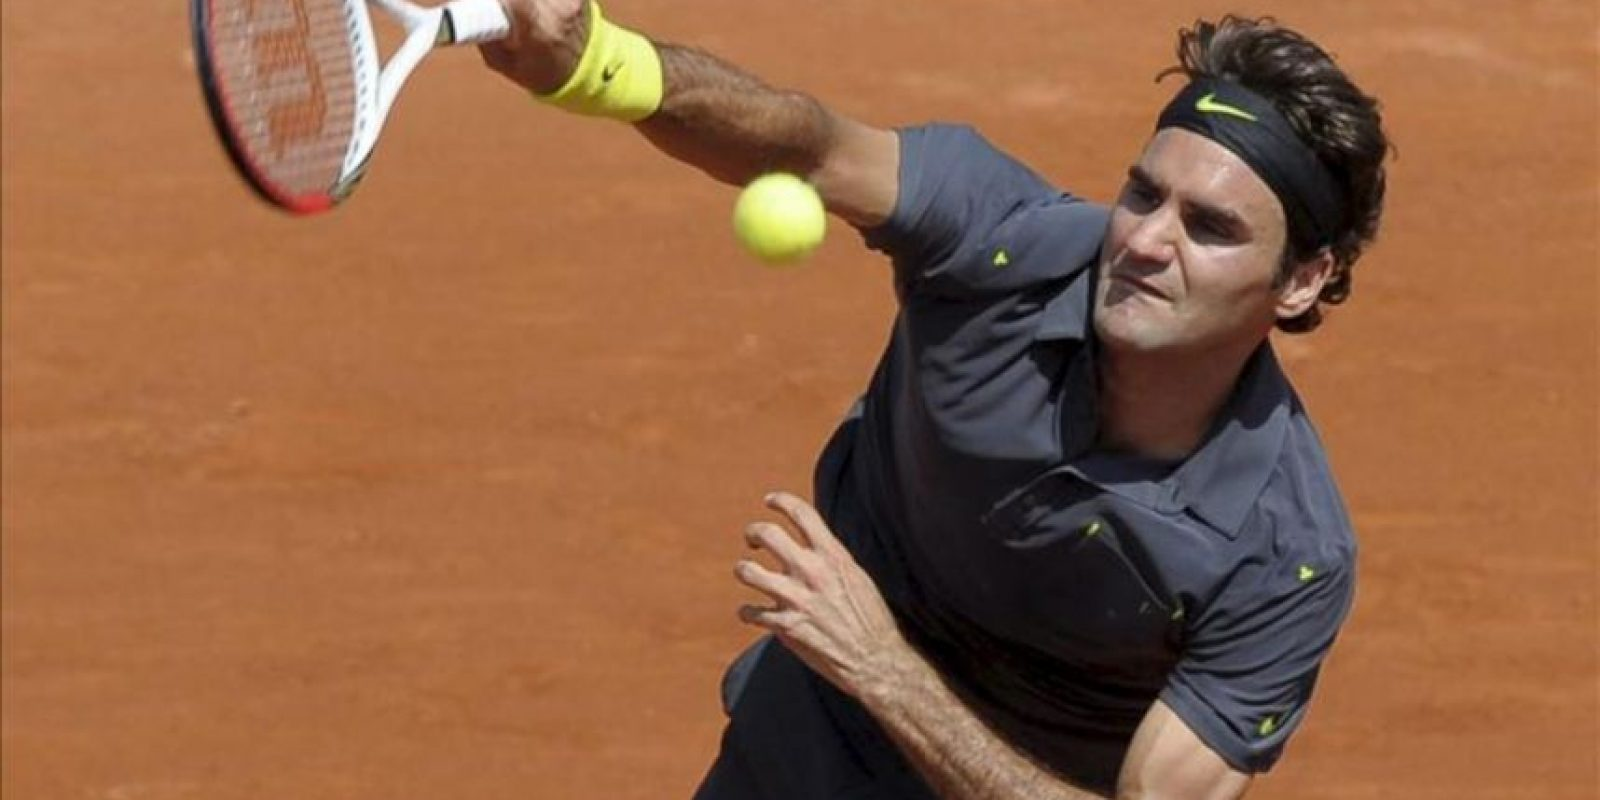 El tenista suizo Roger Federer sirve la bola durante su partido de primera ronda del Torneo Roland Garros ante el alemán Tobias Kamke of Germany disputado hoy en París, Francia. EFE